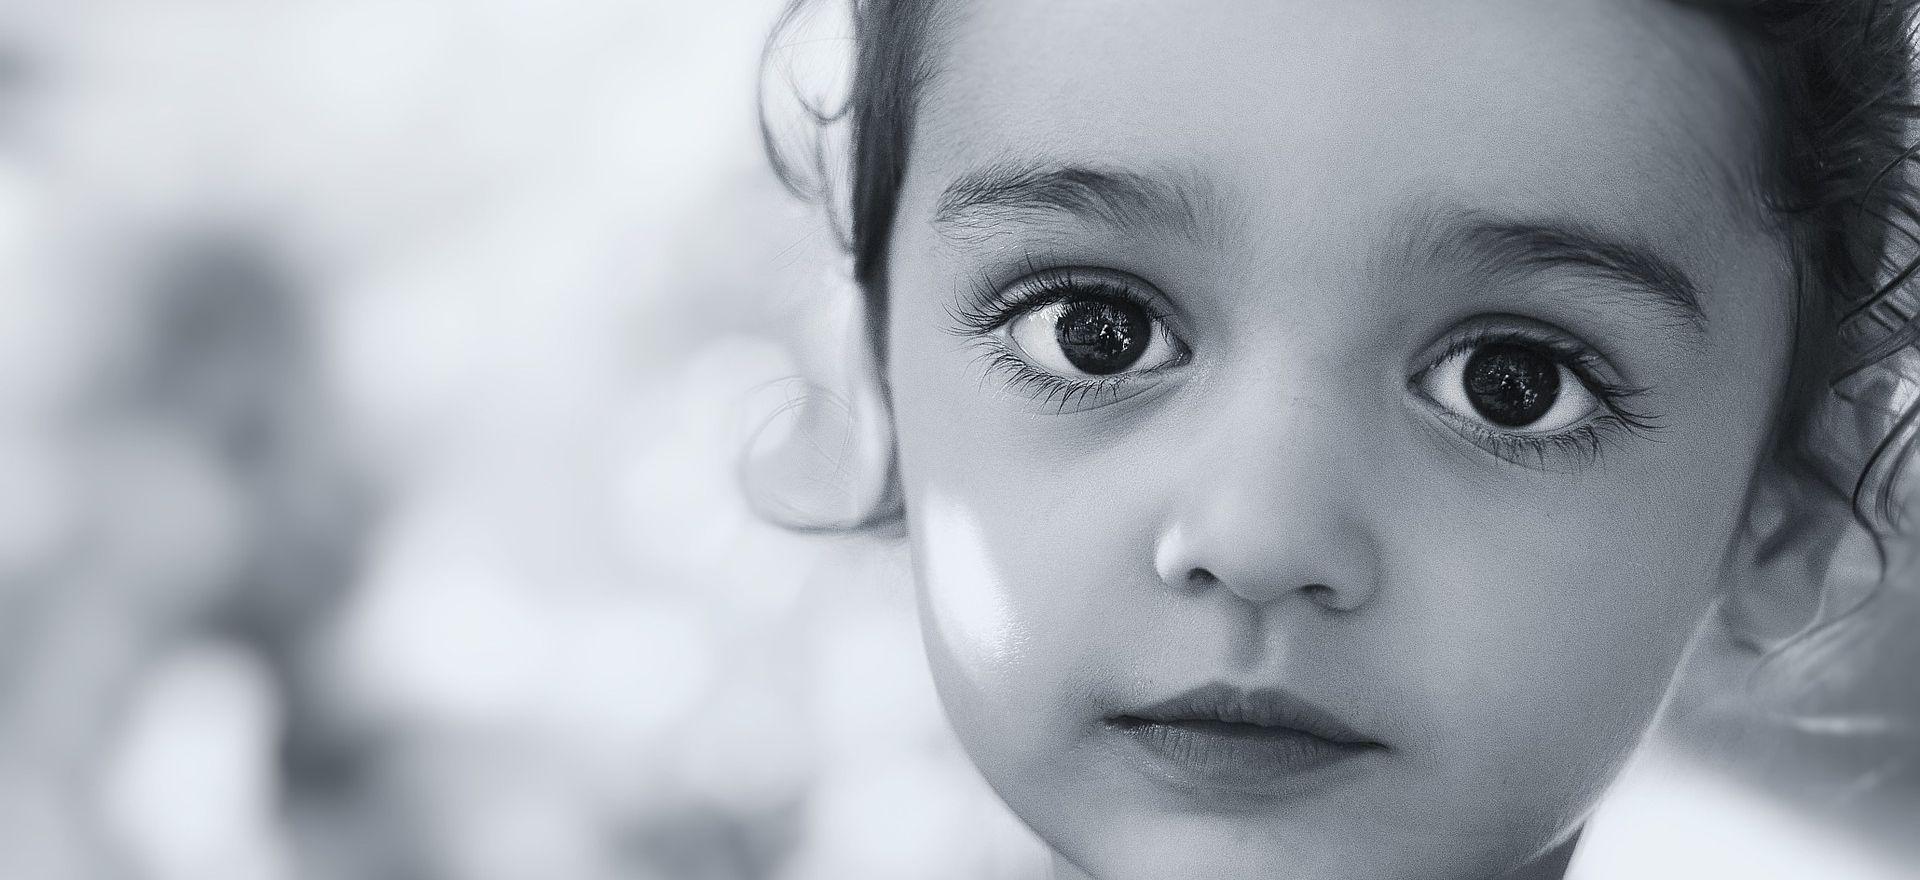 Seria ou pode ser? Os olhos de uma menina e o lixo de algumas ruas